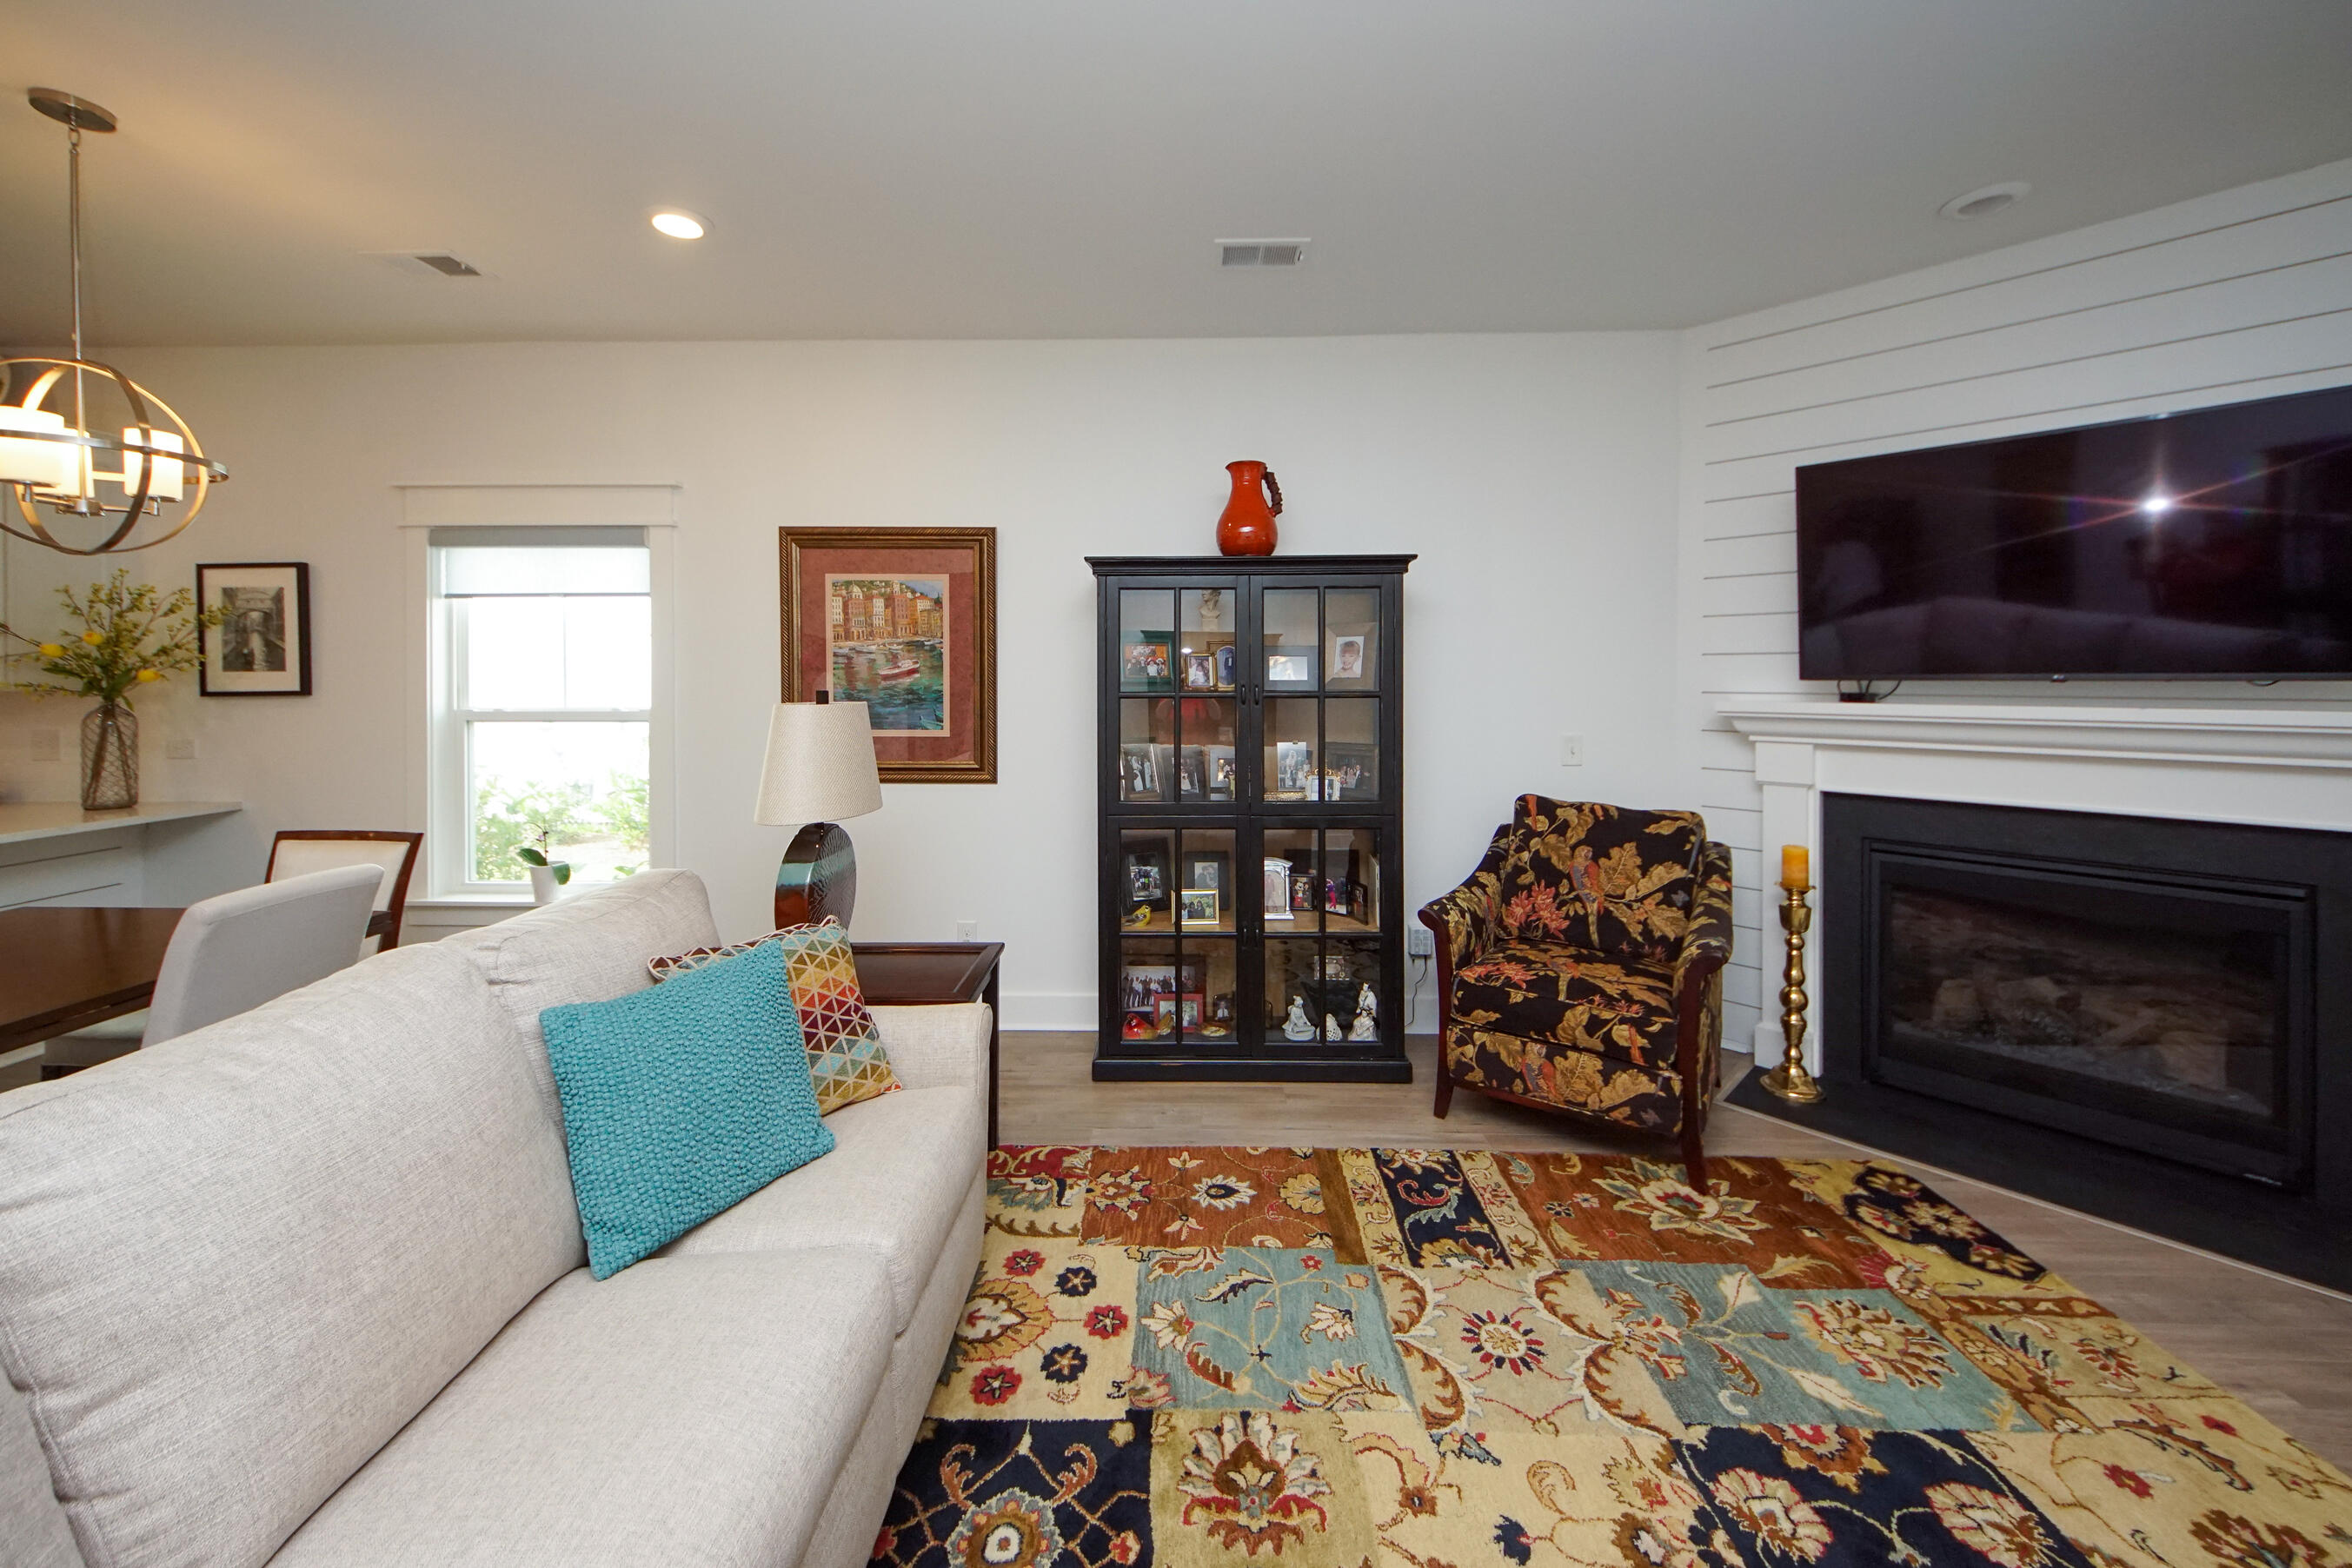 Park West Homes For Sale - 3085 Caspian, Mount Pleasant, SC - 40